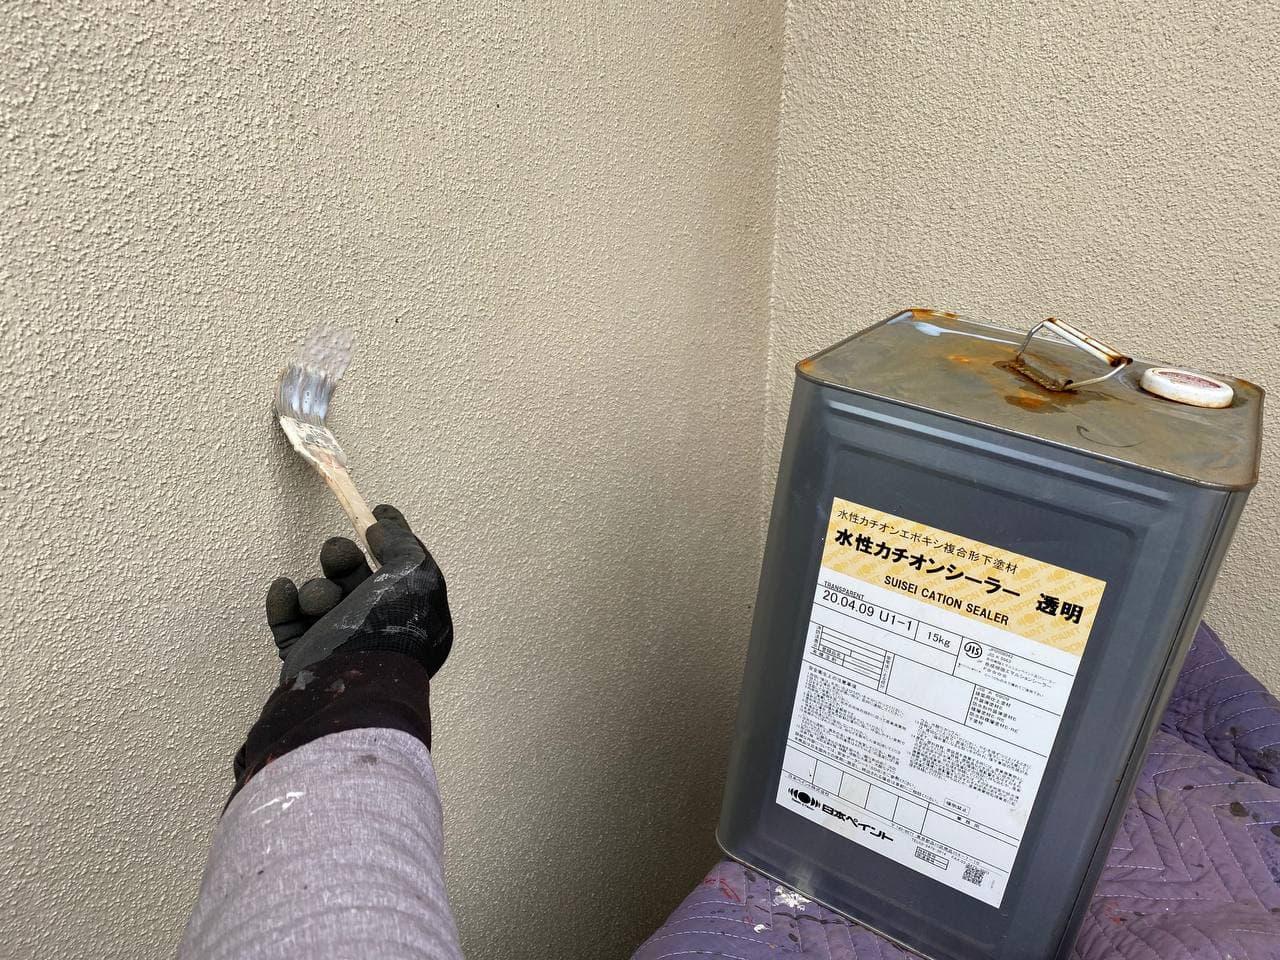 東京都東村山市でストックヤード解体新設